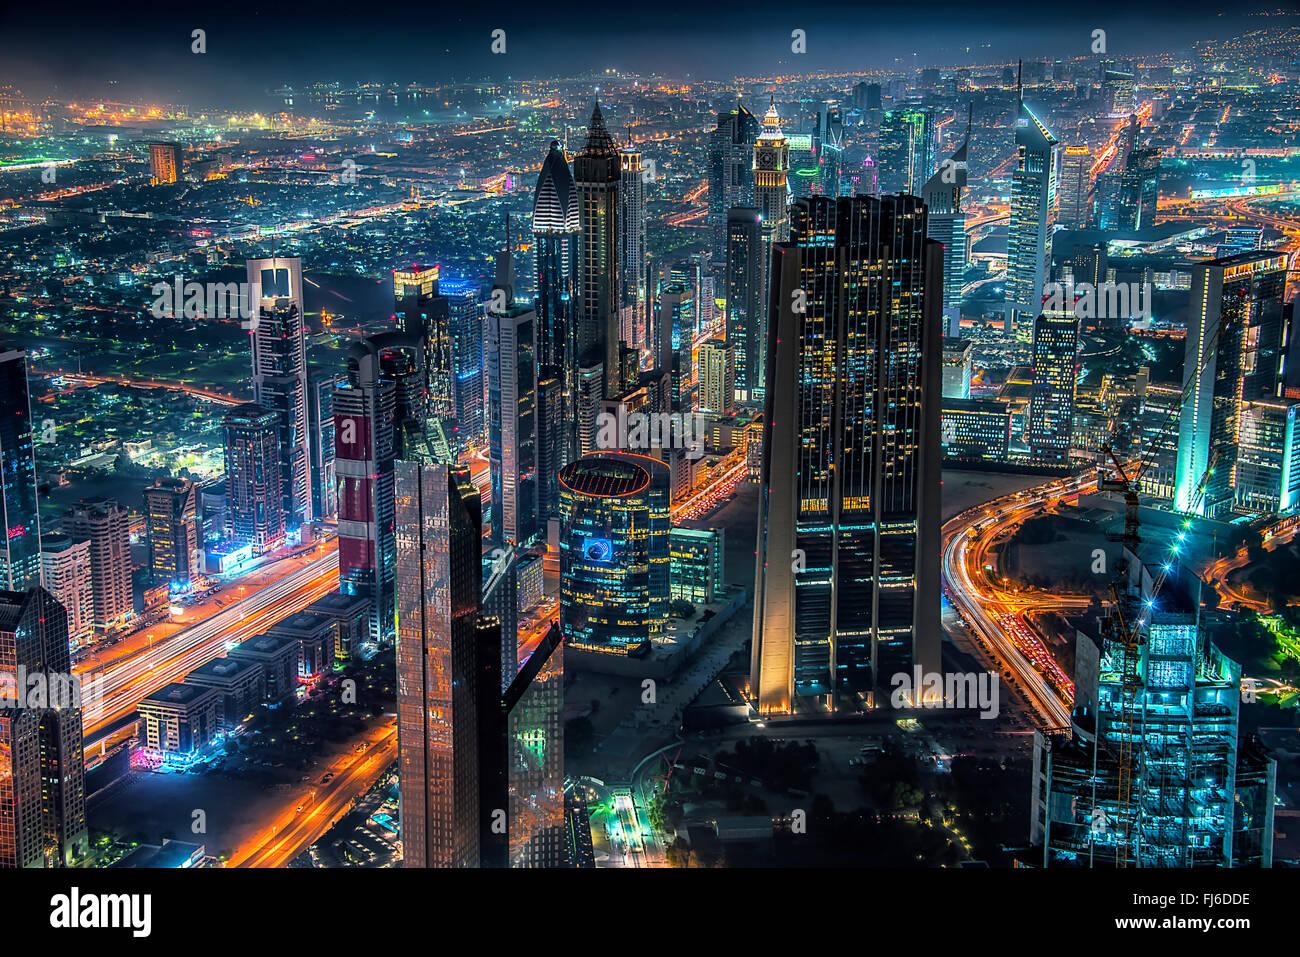 La ciudad de Dubai por la noche Imagen De Stock